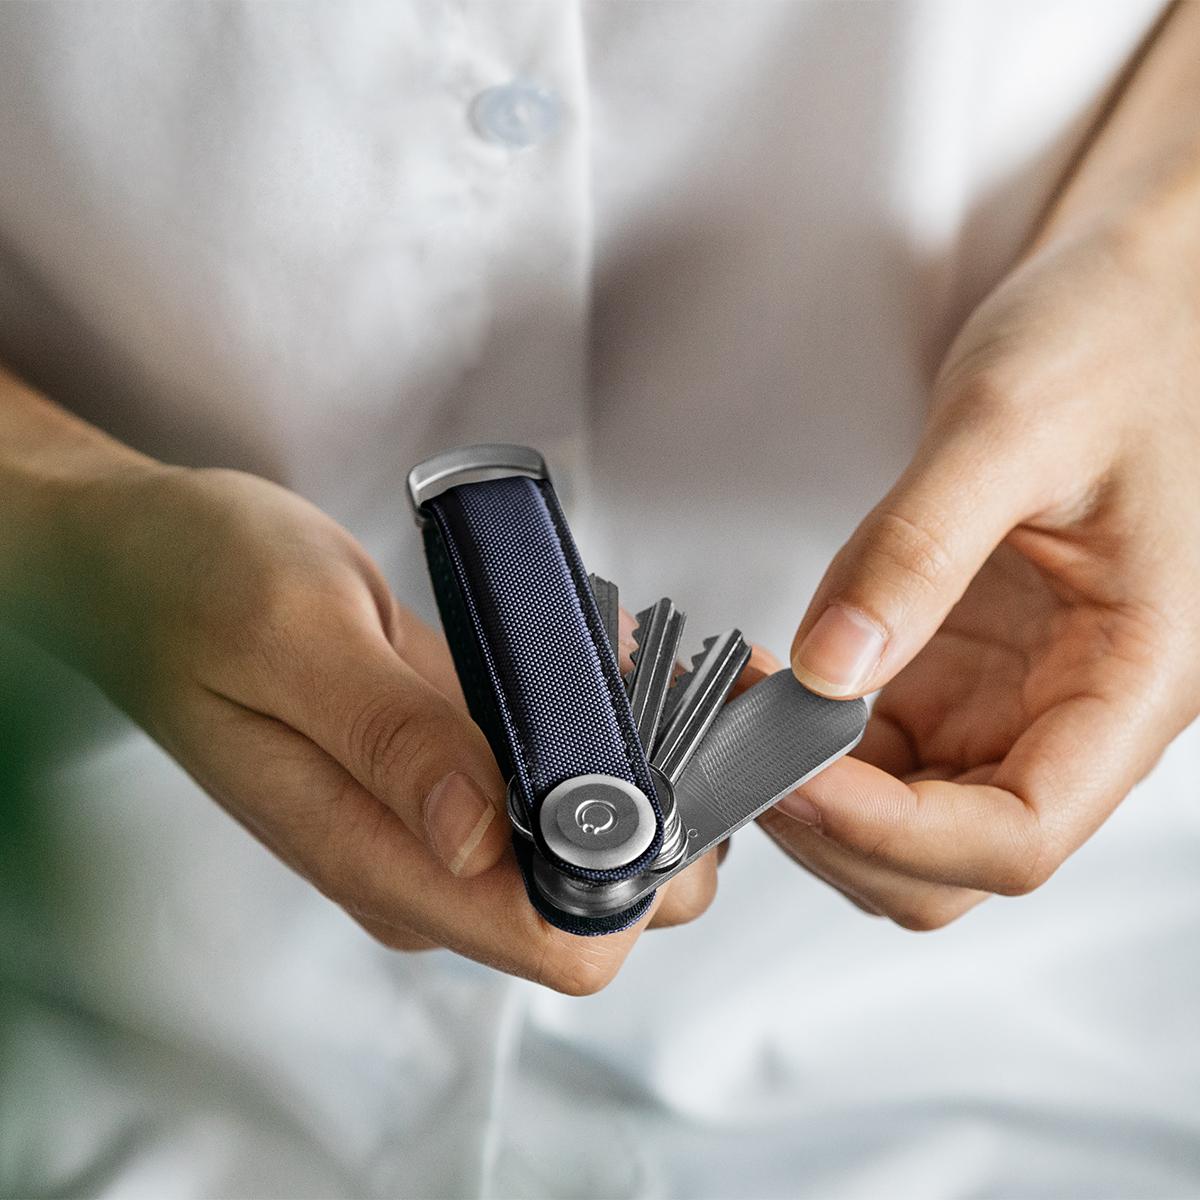 最大7本もの鍵がピッタリ収納できて、すぐに目当ての鍵を取り出せる収納性が大人気のOrbitkeyと一緒につけておけるスマートな「ミラー&爪やすり」|Orbitkey Accessory